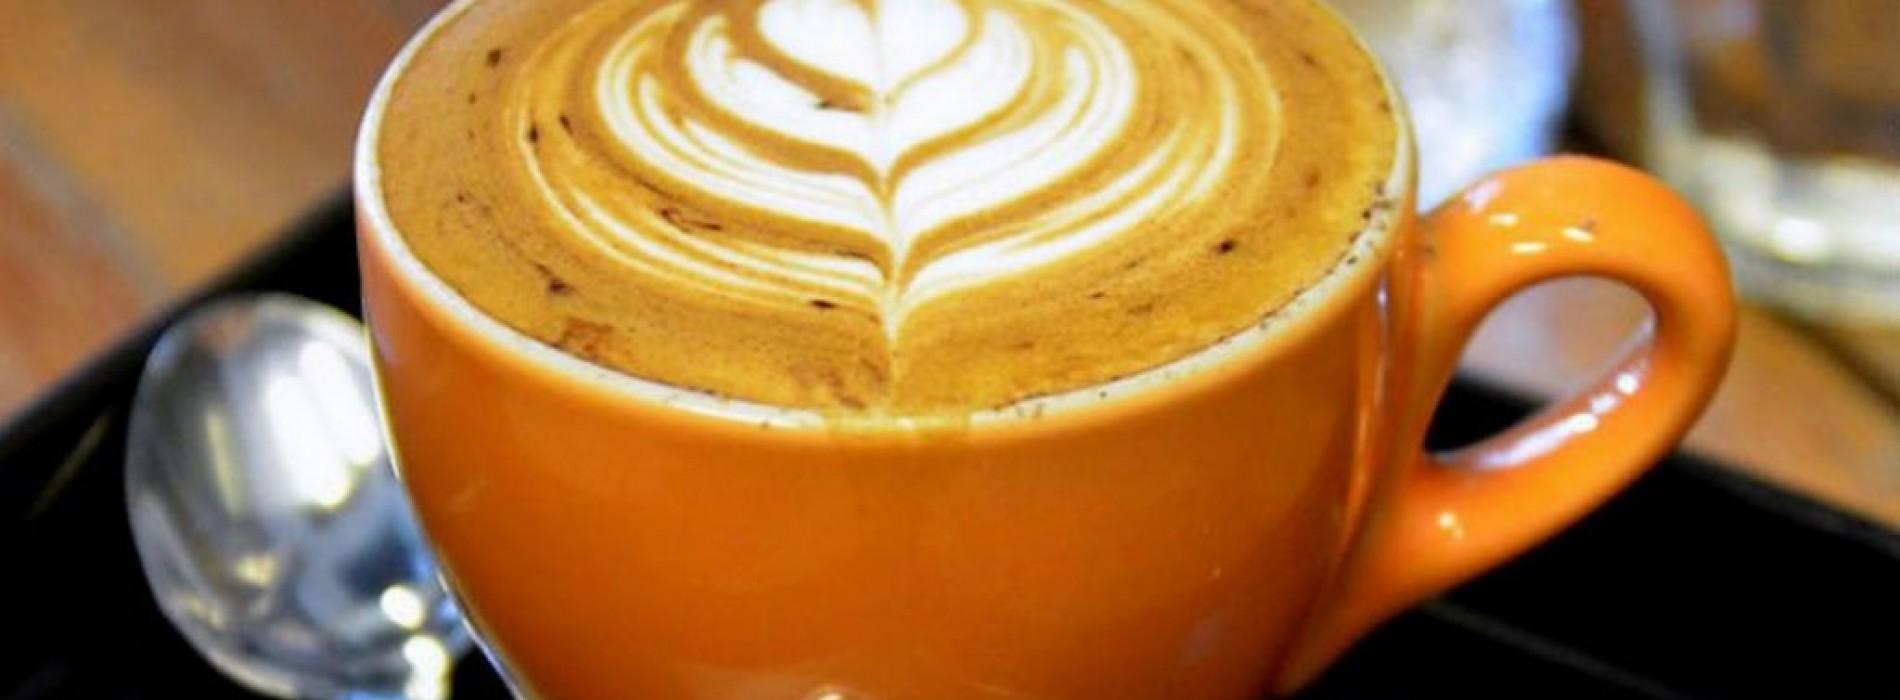 Begin jij jouw dag elke ochtend met koffie? Dan moet jij DIT echt even lezen!